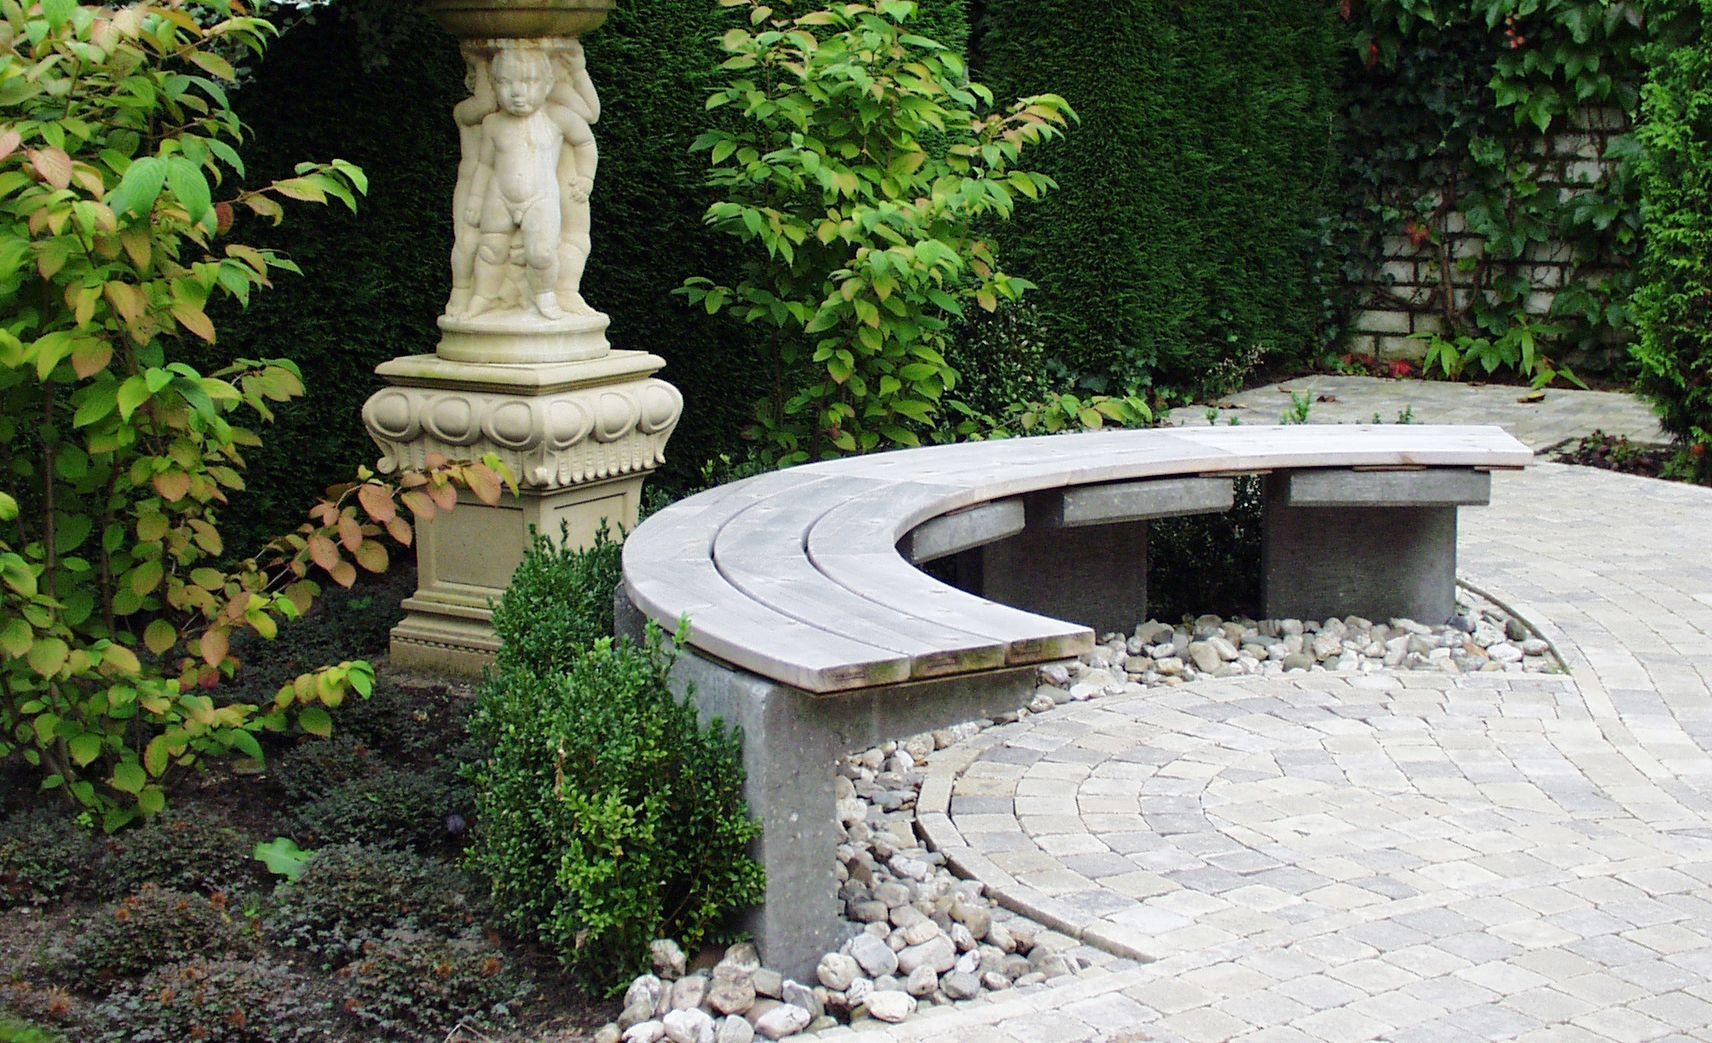 Halbrunde Gartenbank Selbst De Feuerstelle Garten Garten Diy Gartenmobel